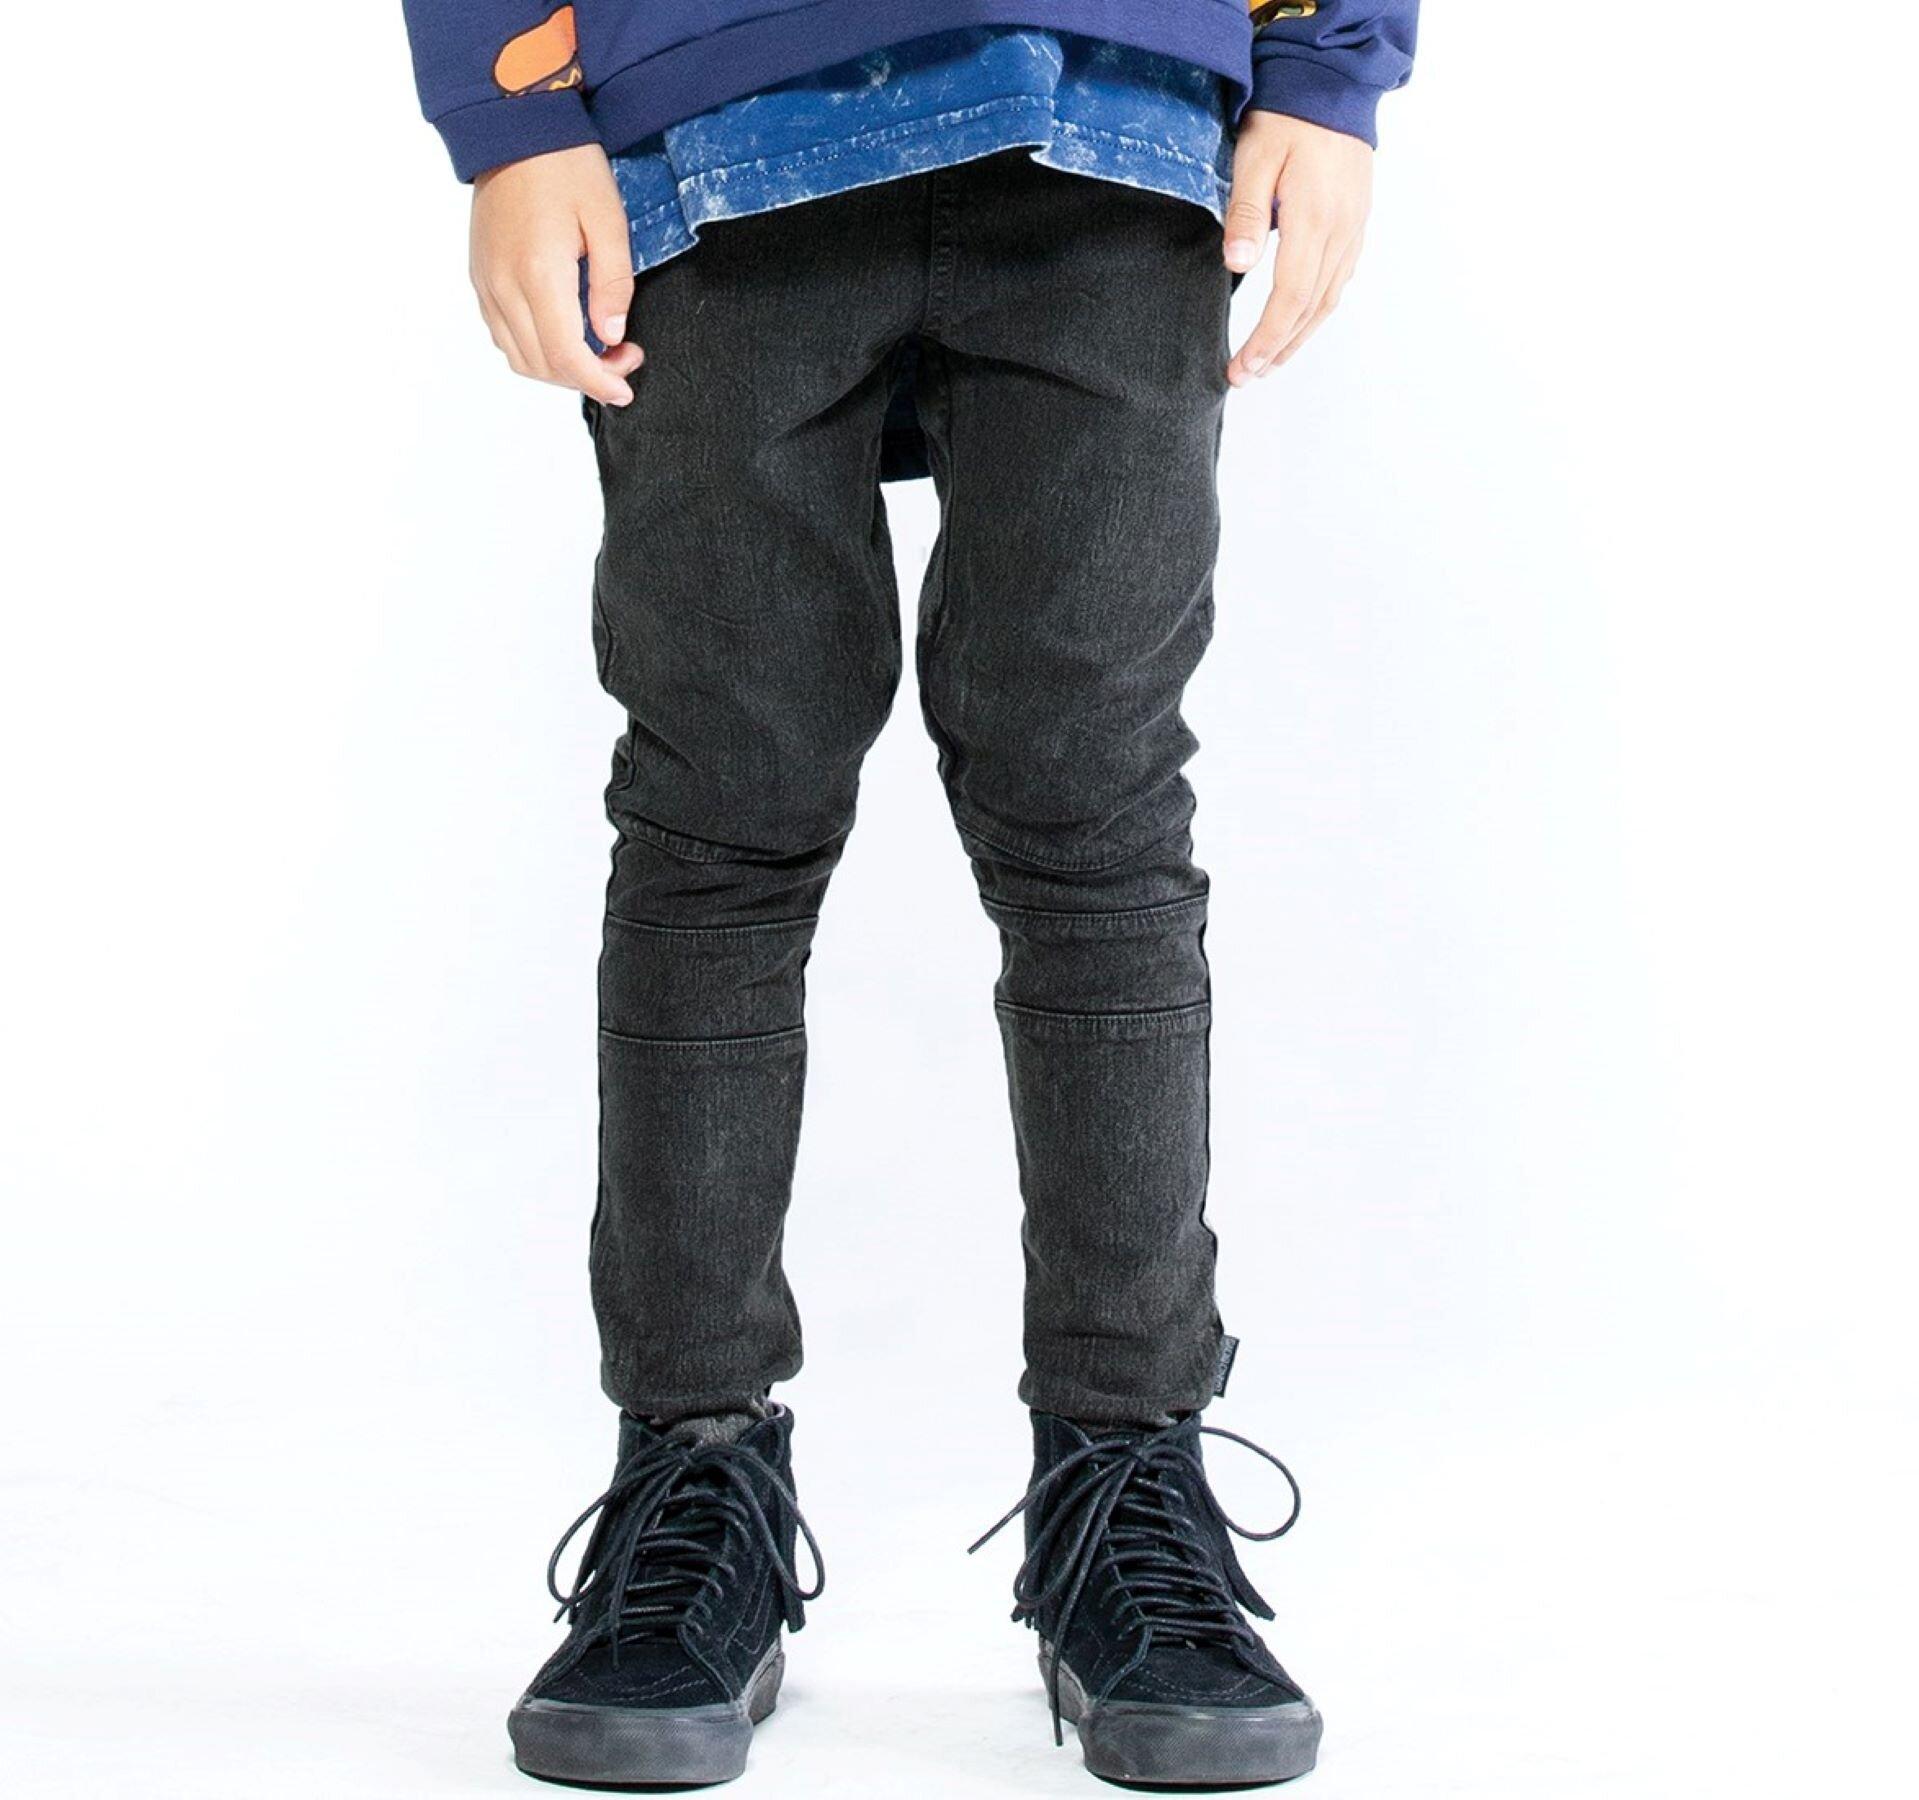 Boys Stretch Clothing Skinny Boy PantsKid Band Of Jeans jSqMVpULzG